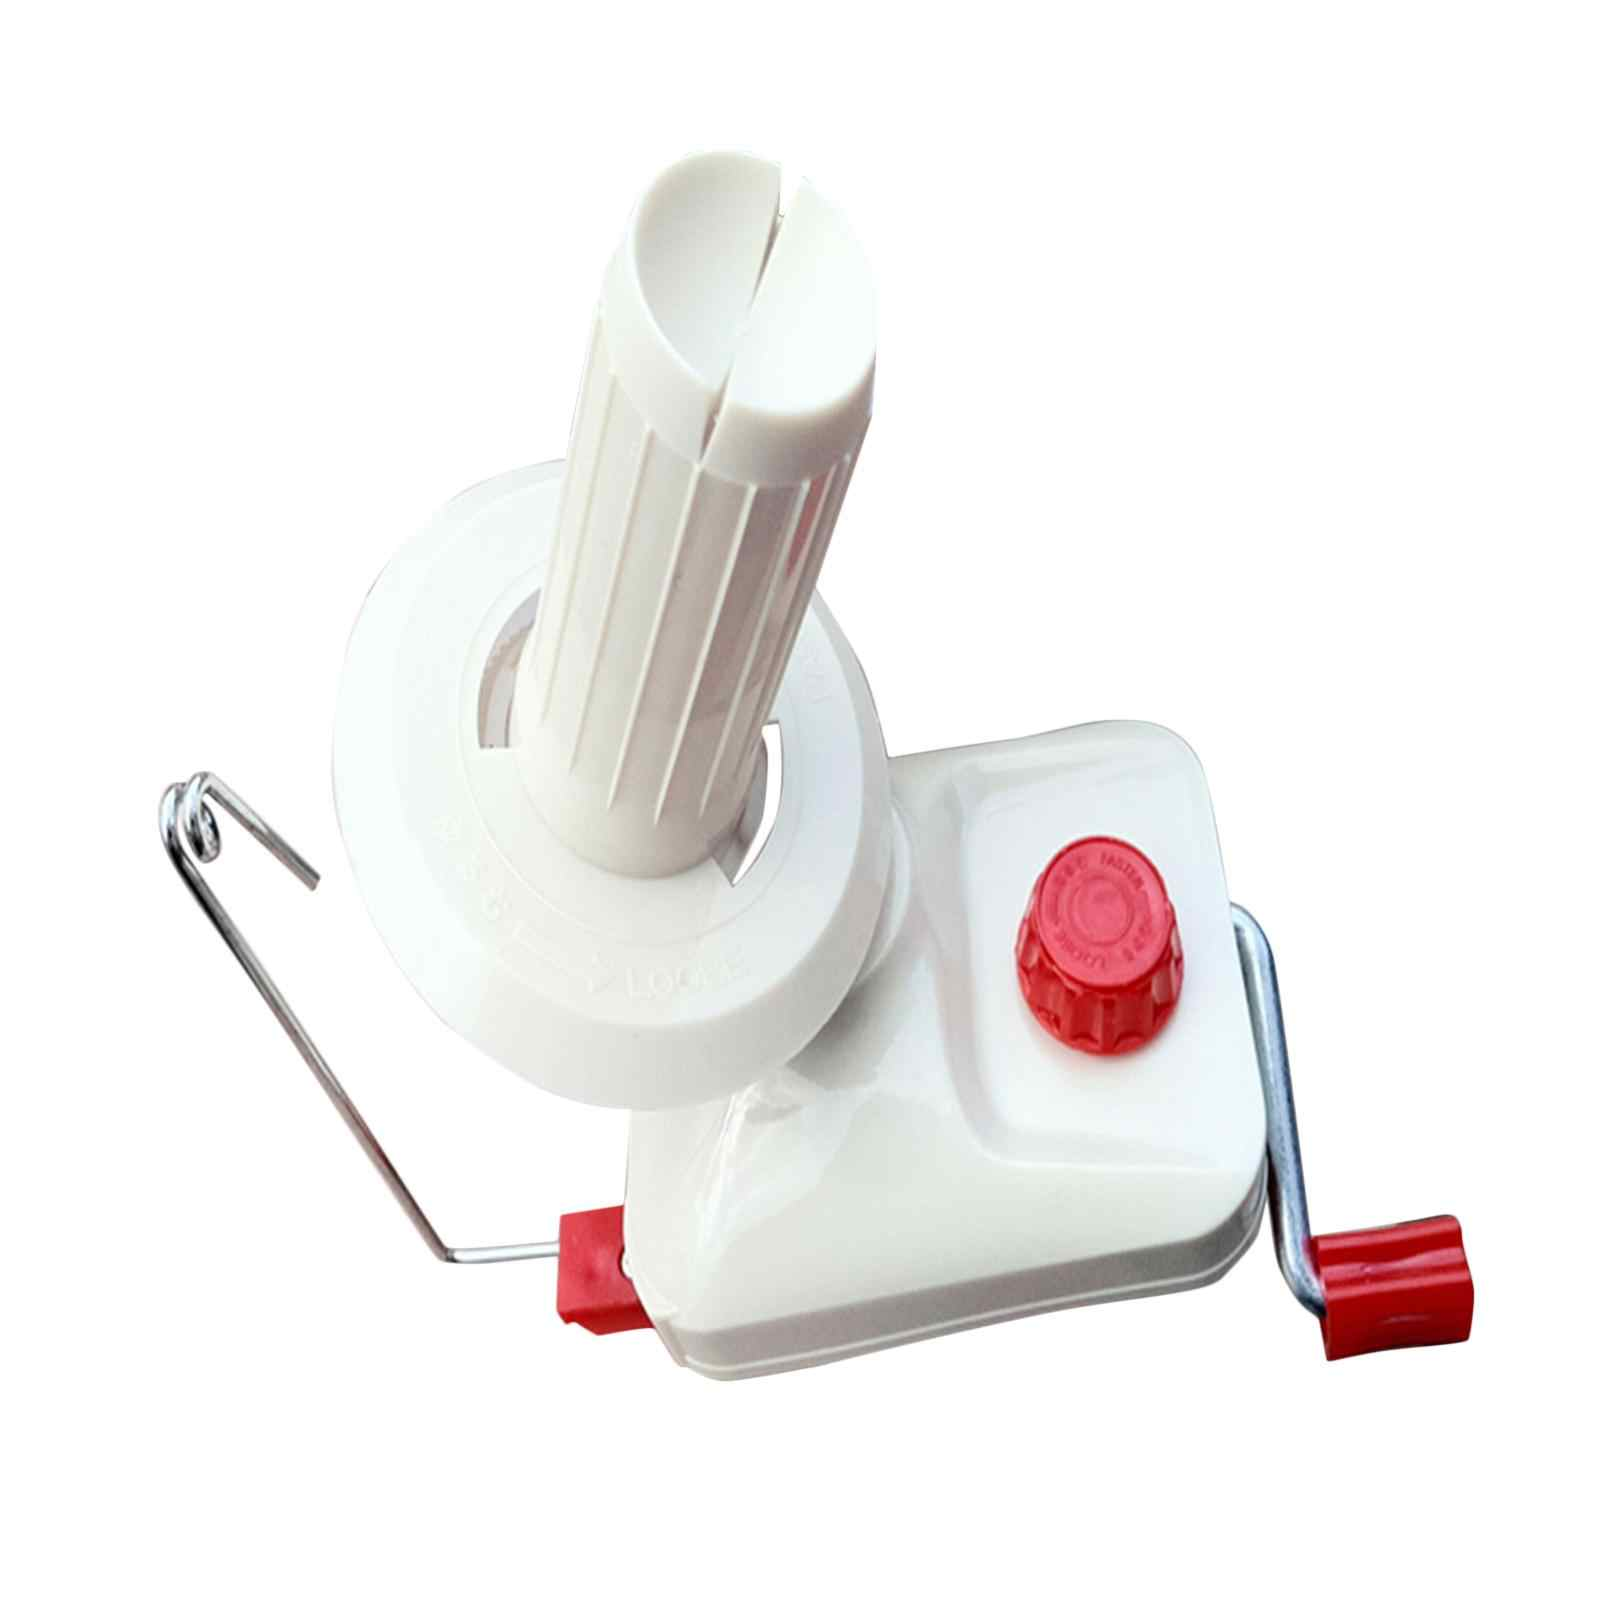 Мягких нитей для пряжи струна из волокна шаровая шерсть намотка-держатель для бытовой ручной работы кабель игла шерсть обмоточная машина в коробке Новый